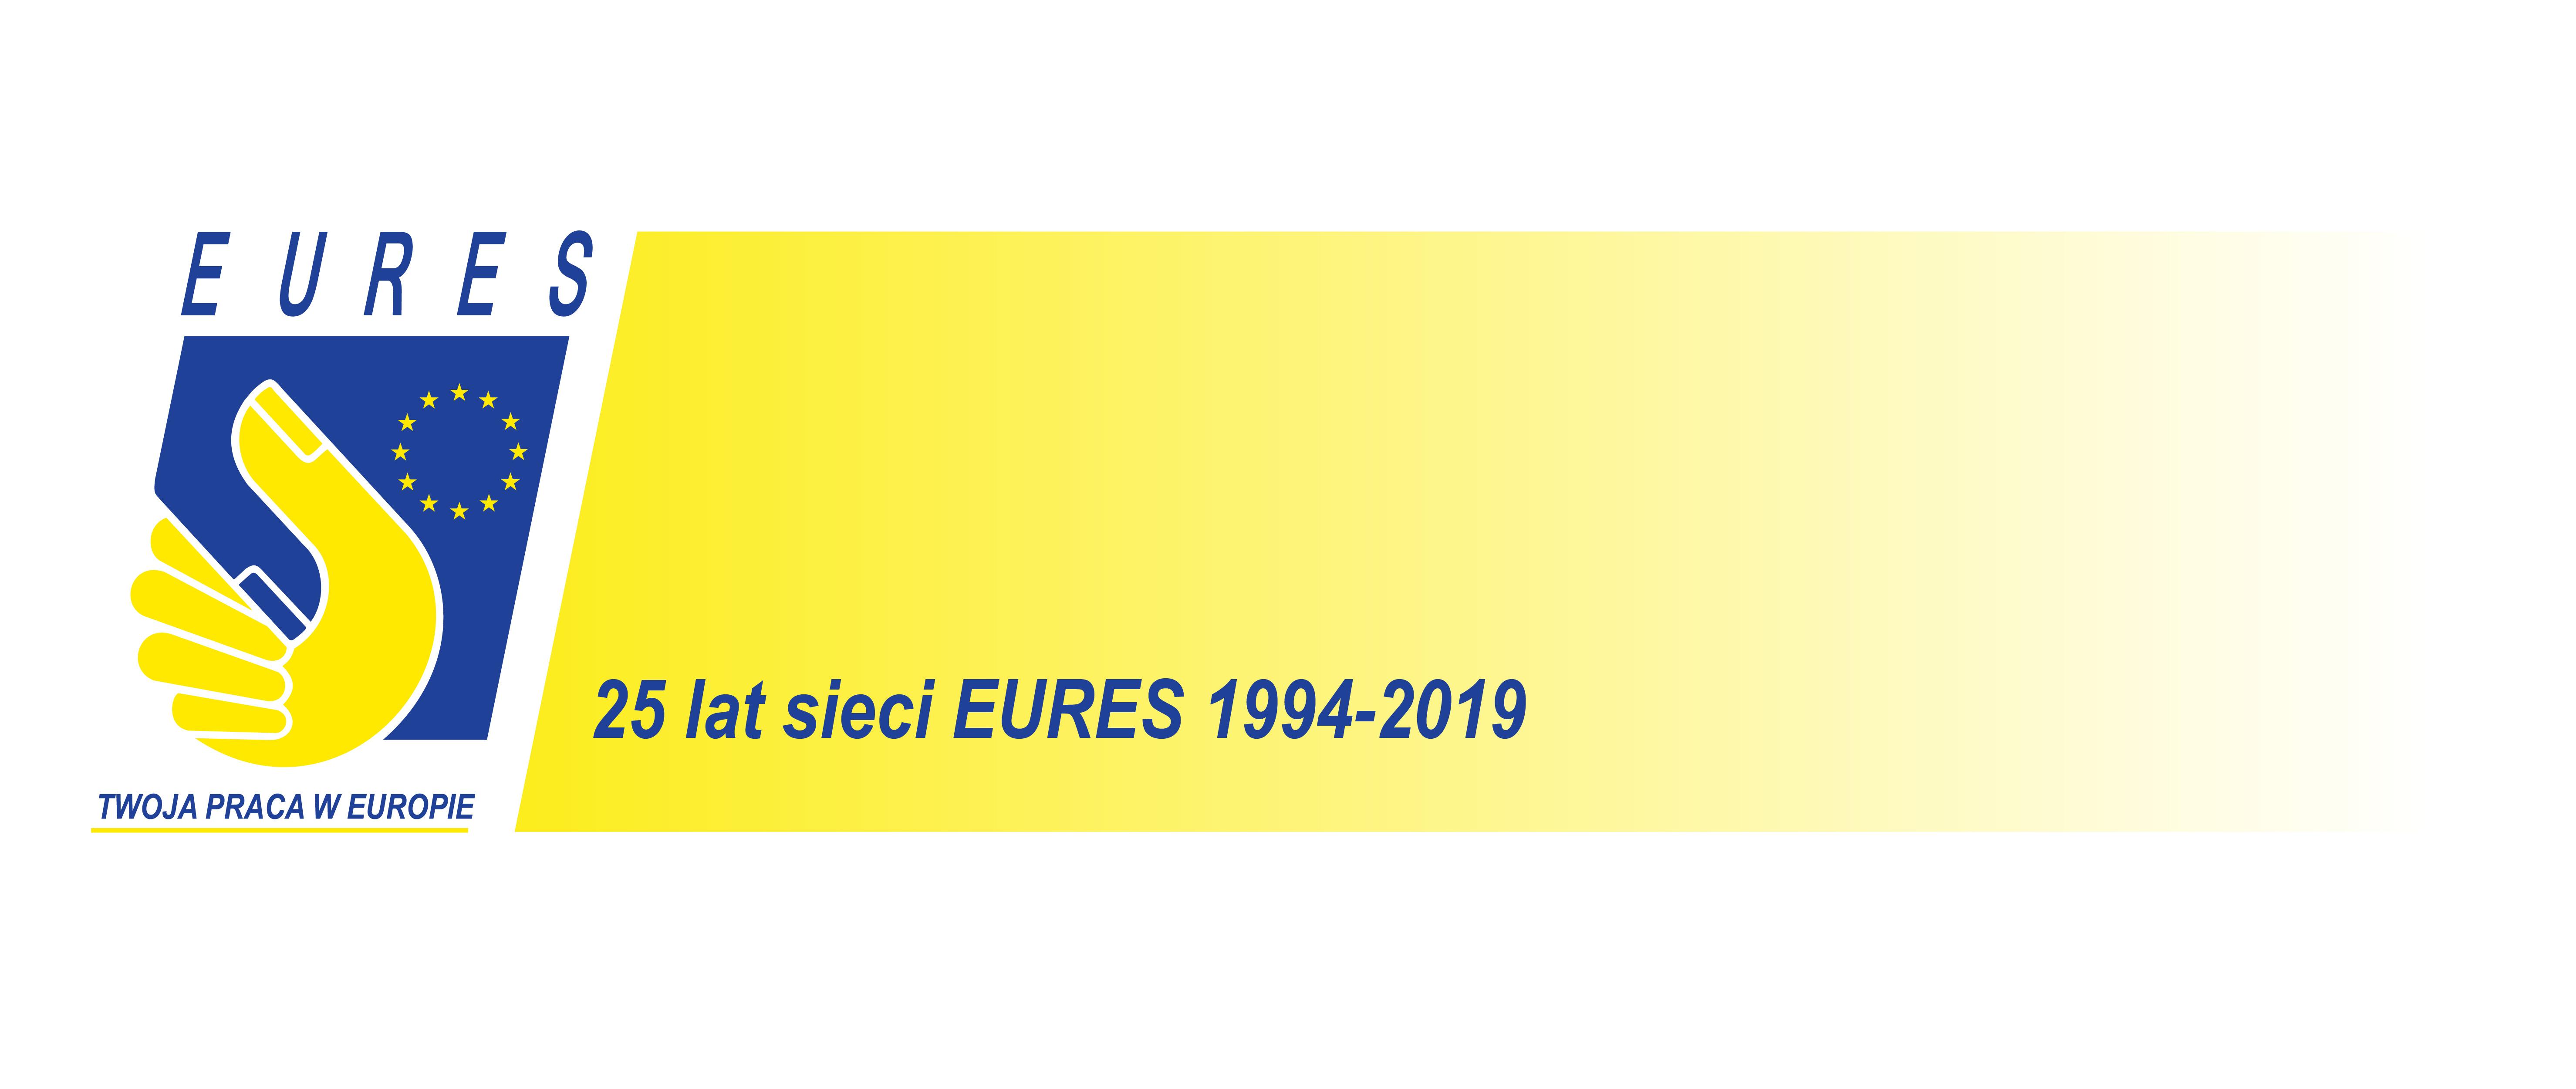 Sieć europejskich ofert pracy EURES